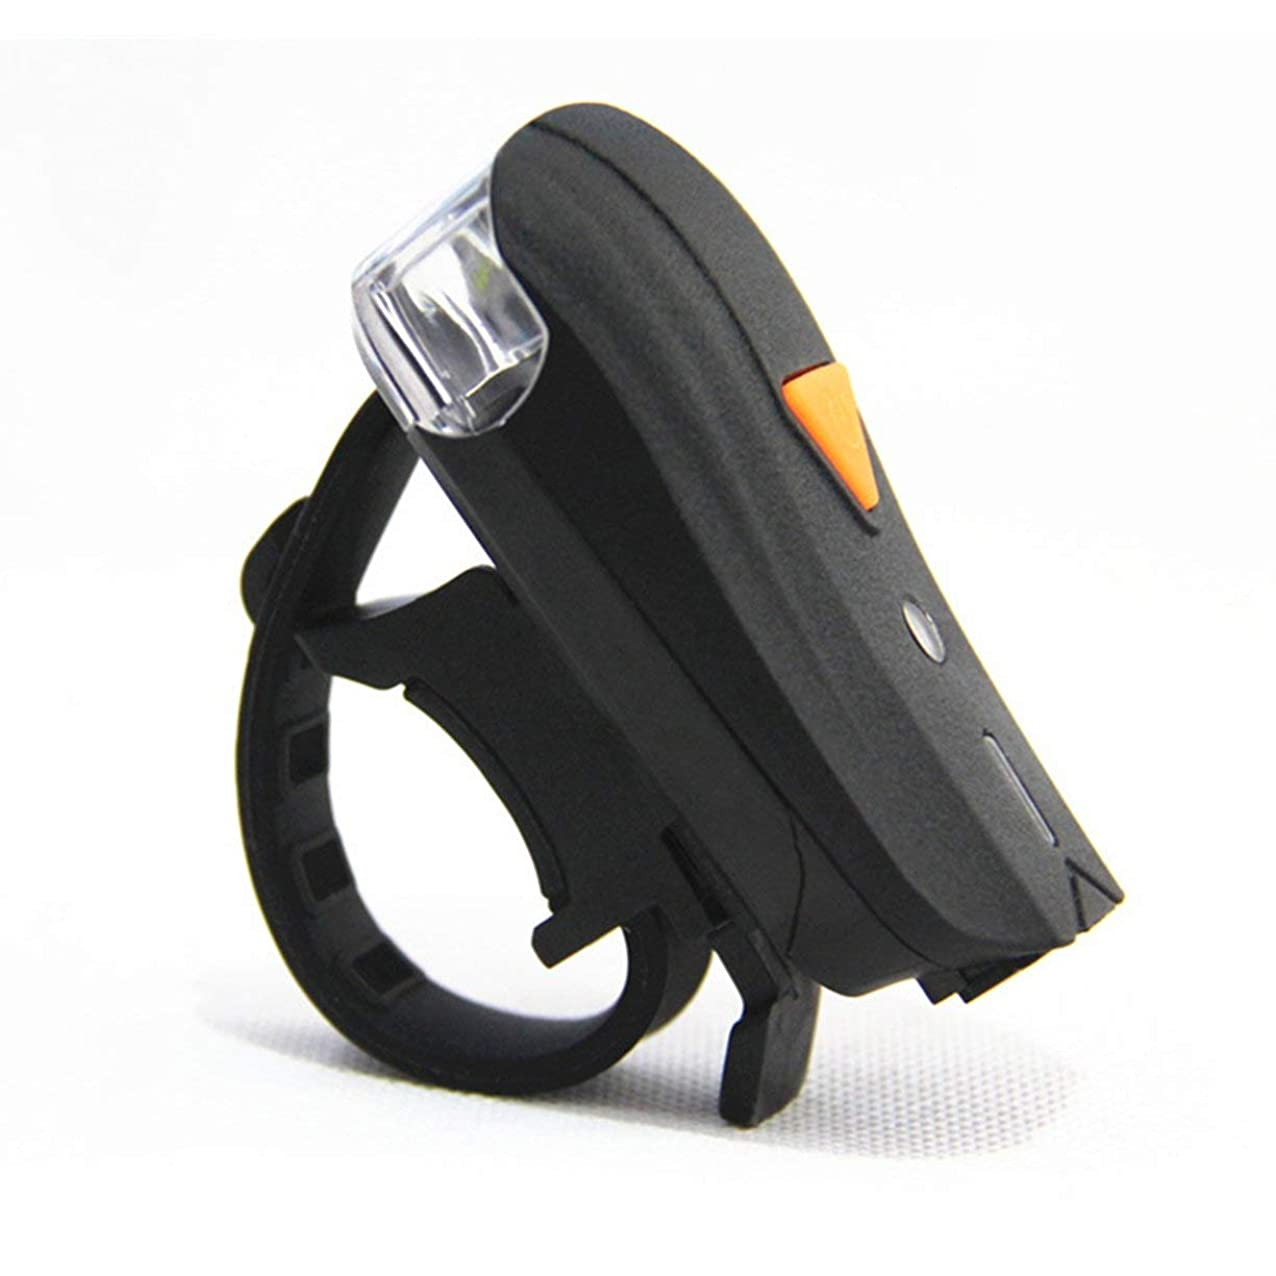 簡単にうぬぼれた分離するインテリジェントセンサー警告USB充電夜乗馬自転車ライトB-0180自転車フロントライトヘッドライト